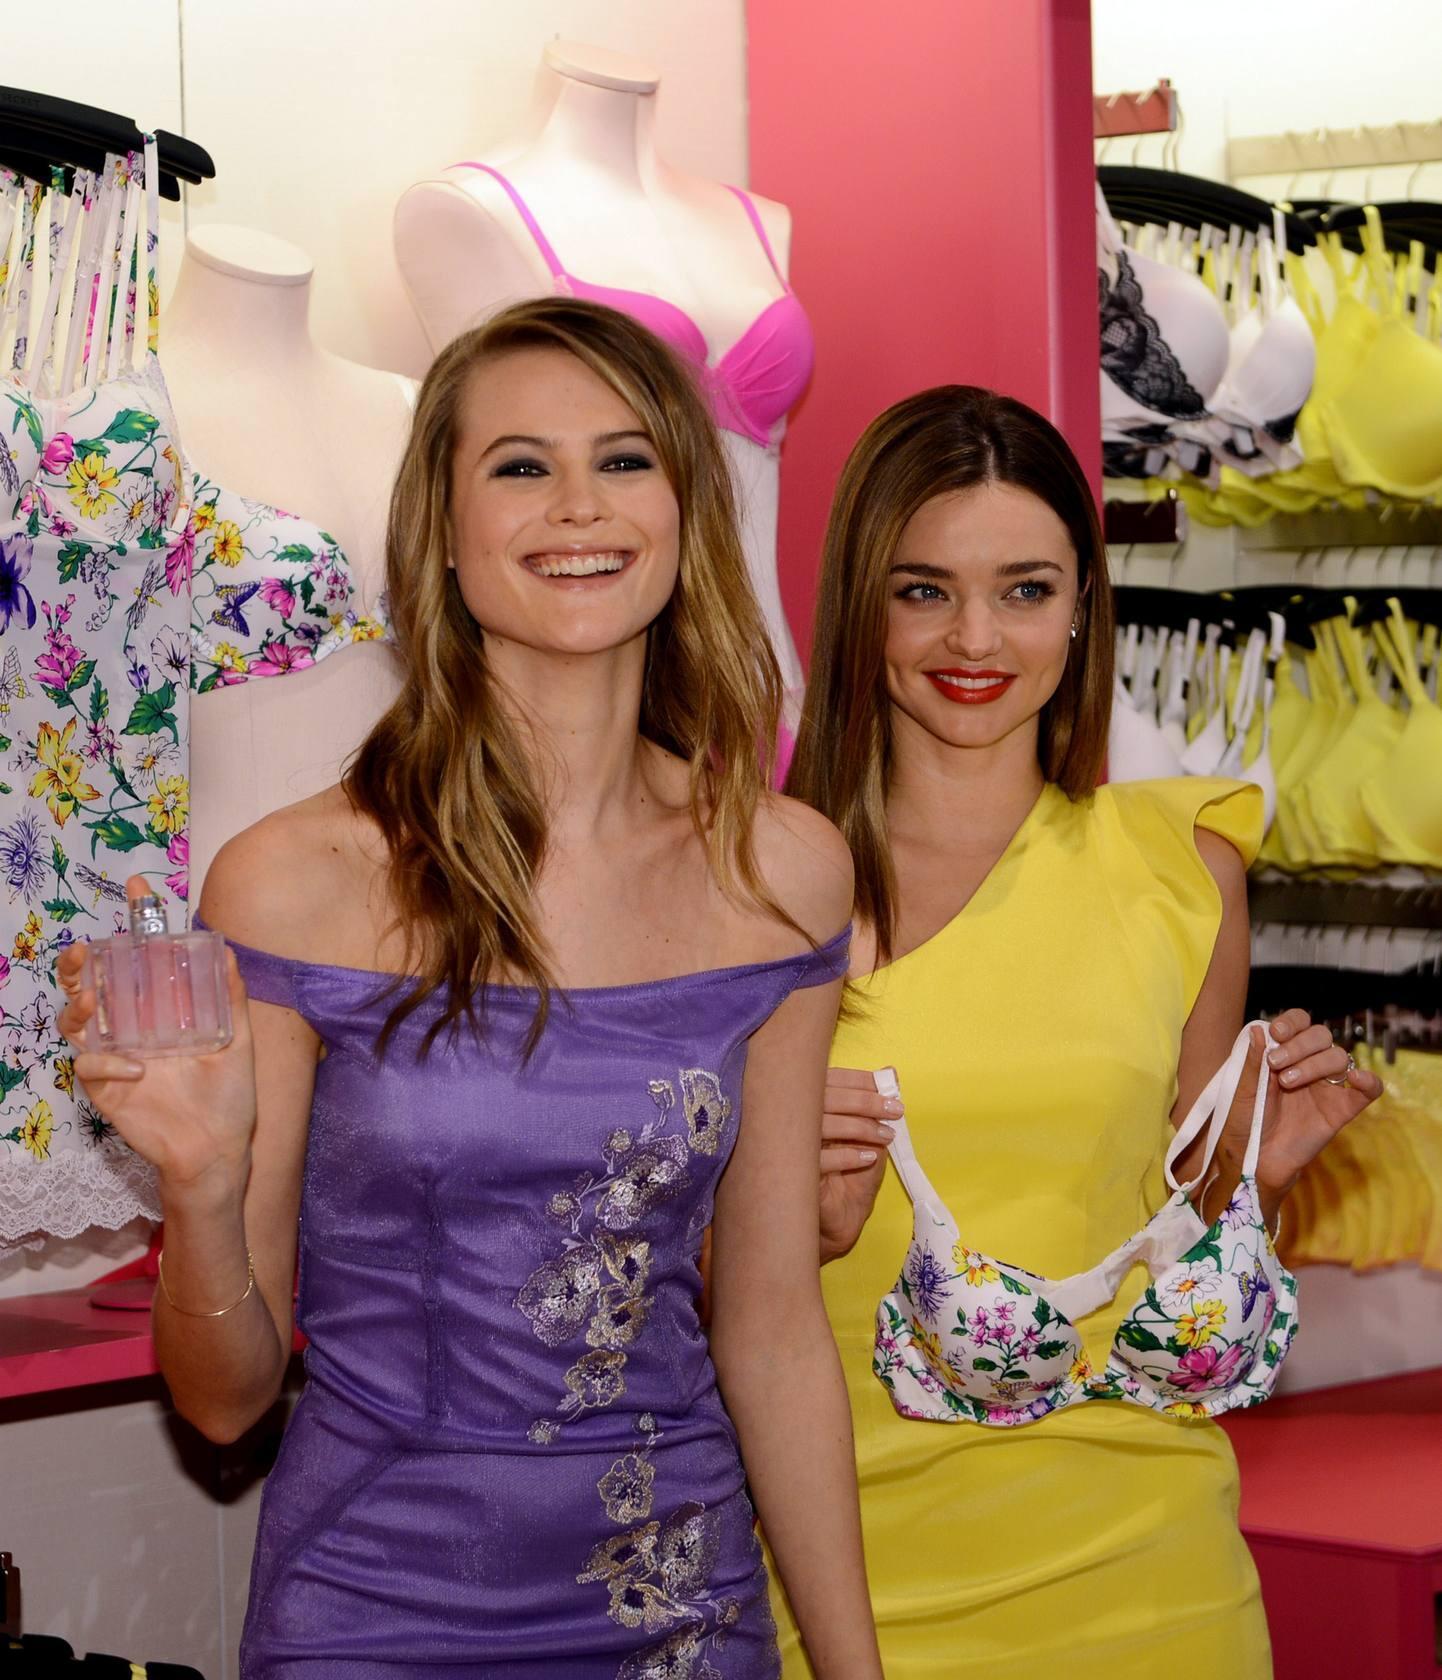 Miranda Kerr y Behati Prinsloo presentan 'Faboulous' la nueva colección de Victoria's Secret